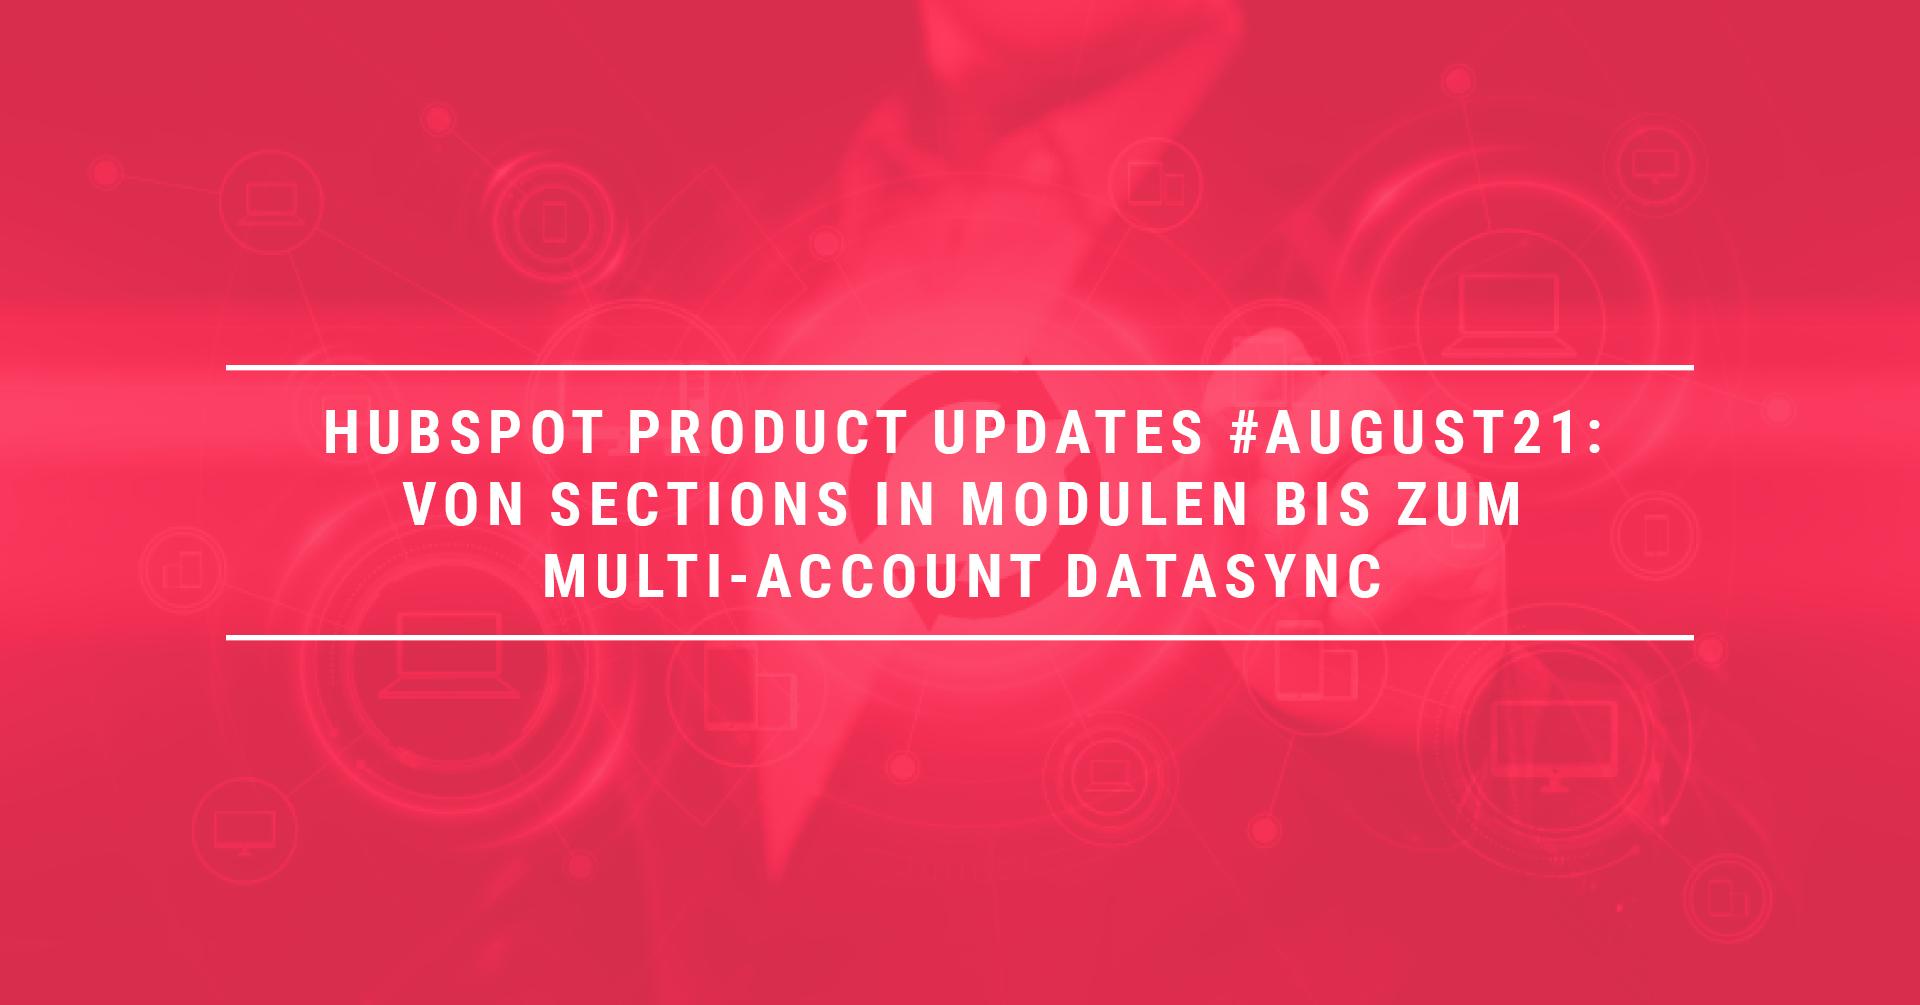 HubSpot Product Updates #August21: Von Sections in Modulen bis zum Multi-Account DataSync